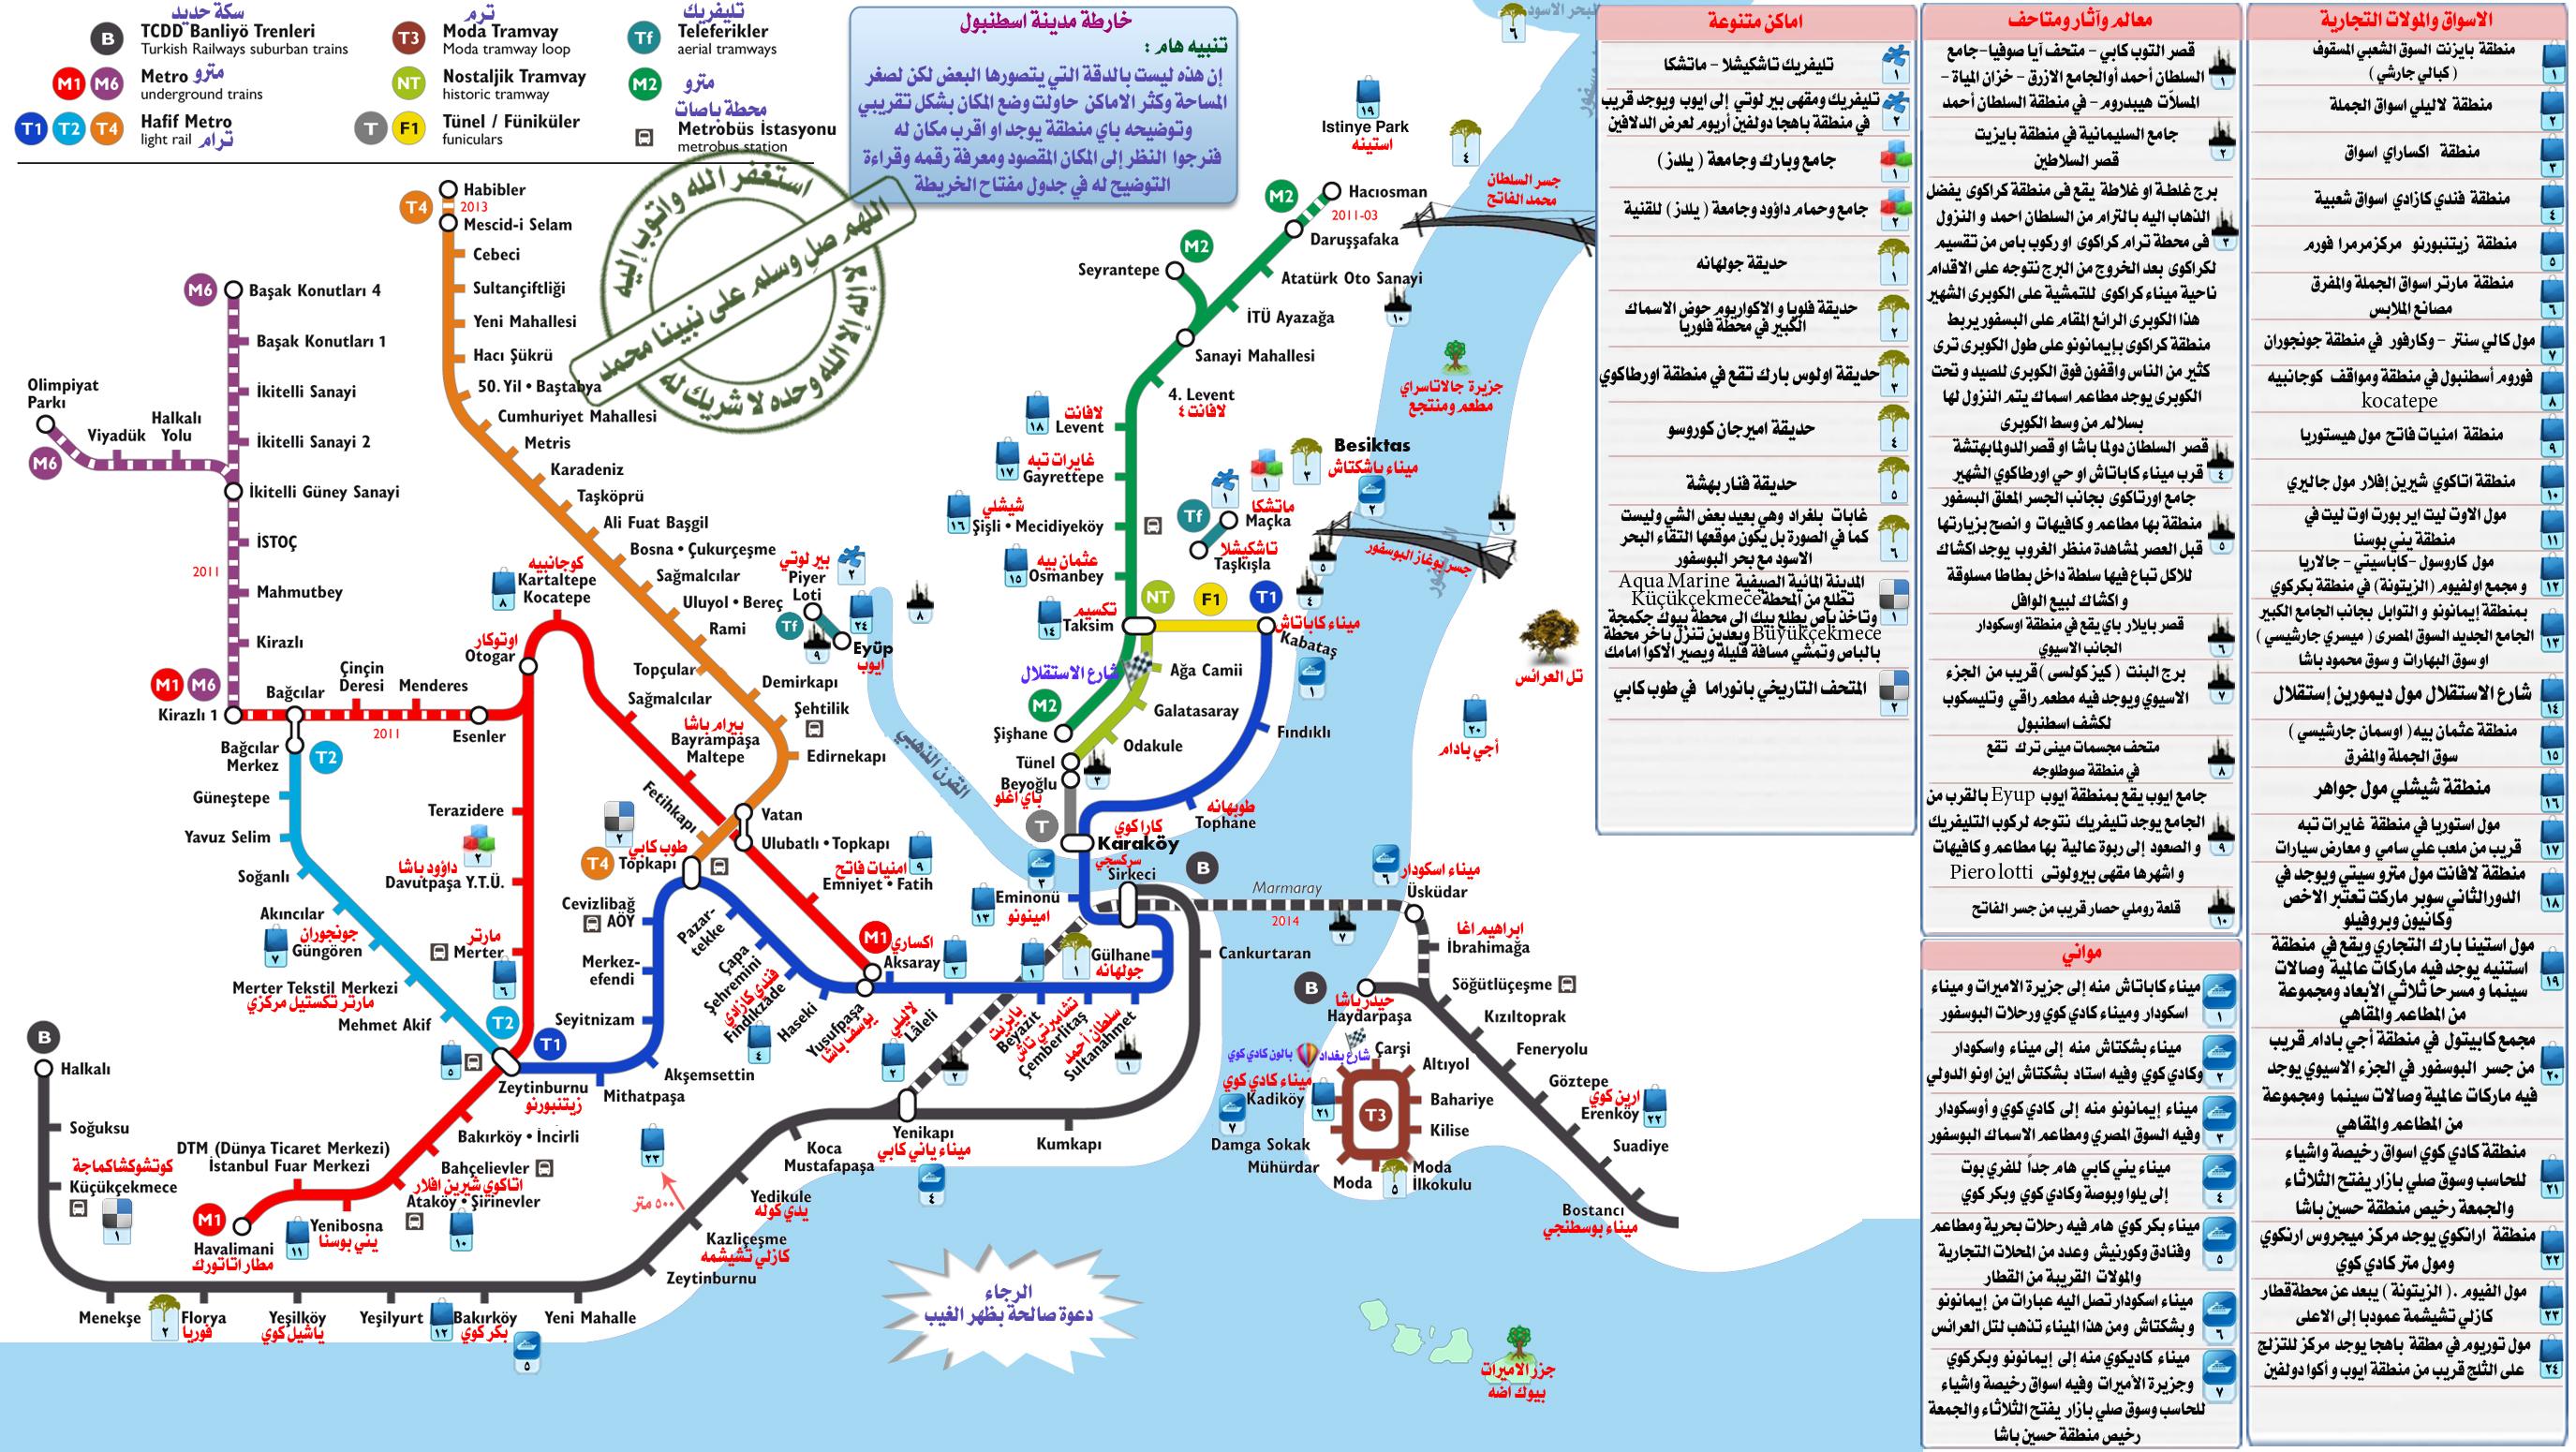 خريطة مترو اسطنبول بالعربي تركيا ترافل